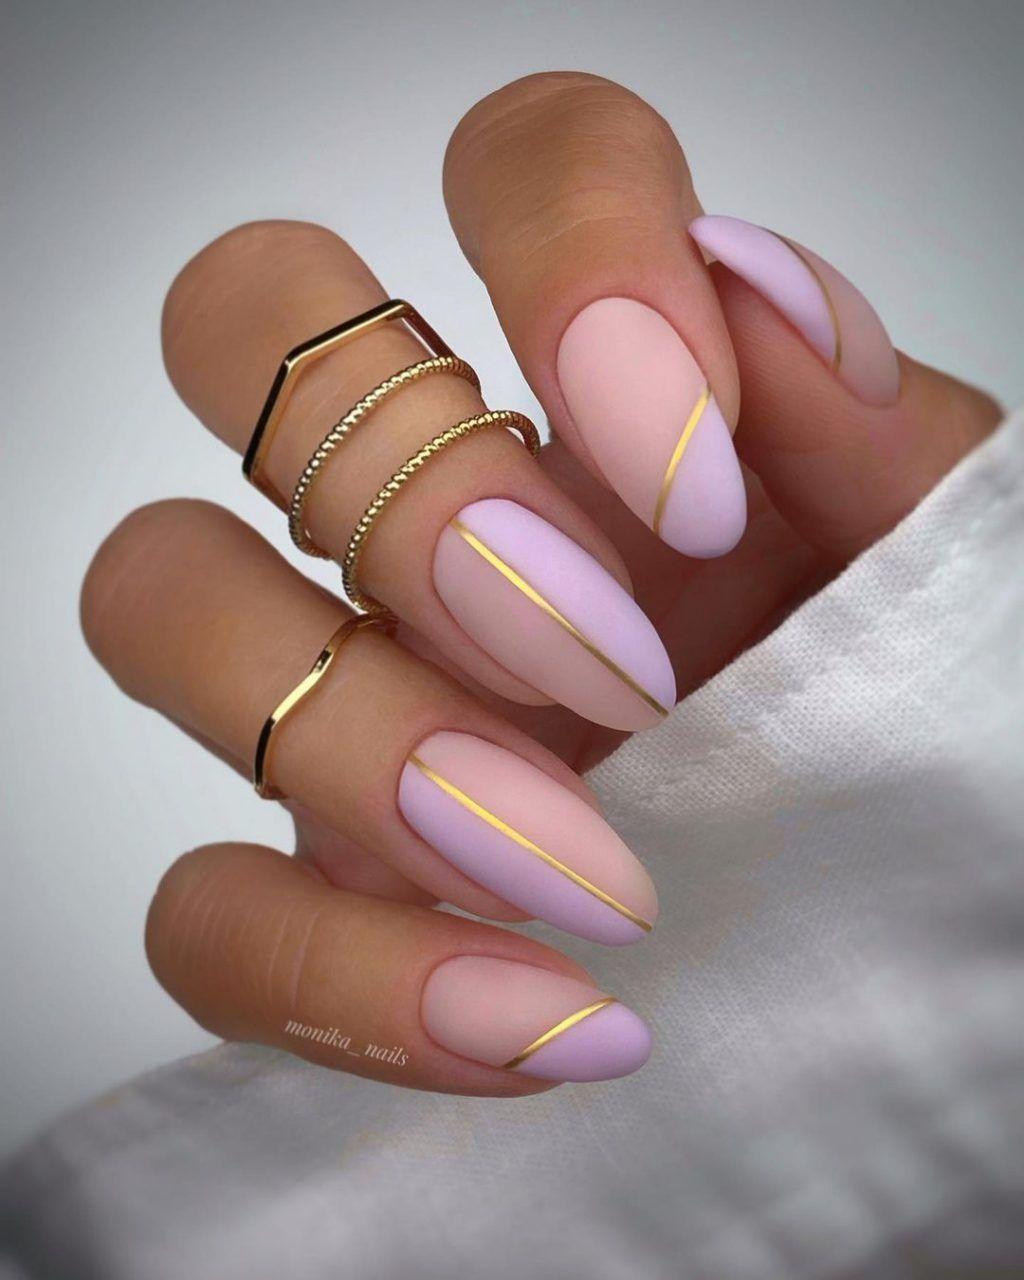 παστέλ_νύχια_σε_ροζ_χρώμα_με_χρυσές_γραμμές_